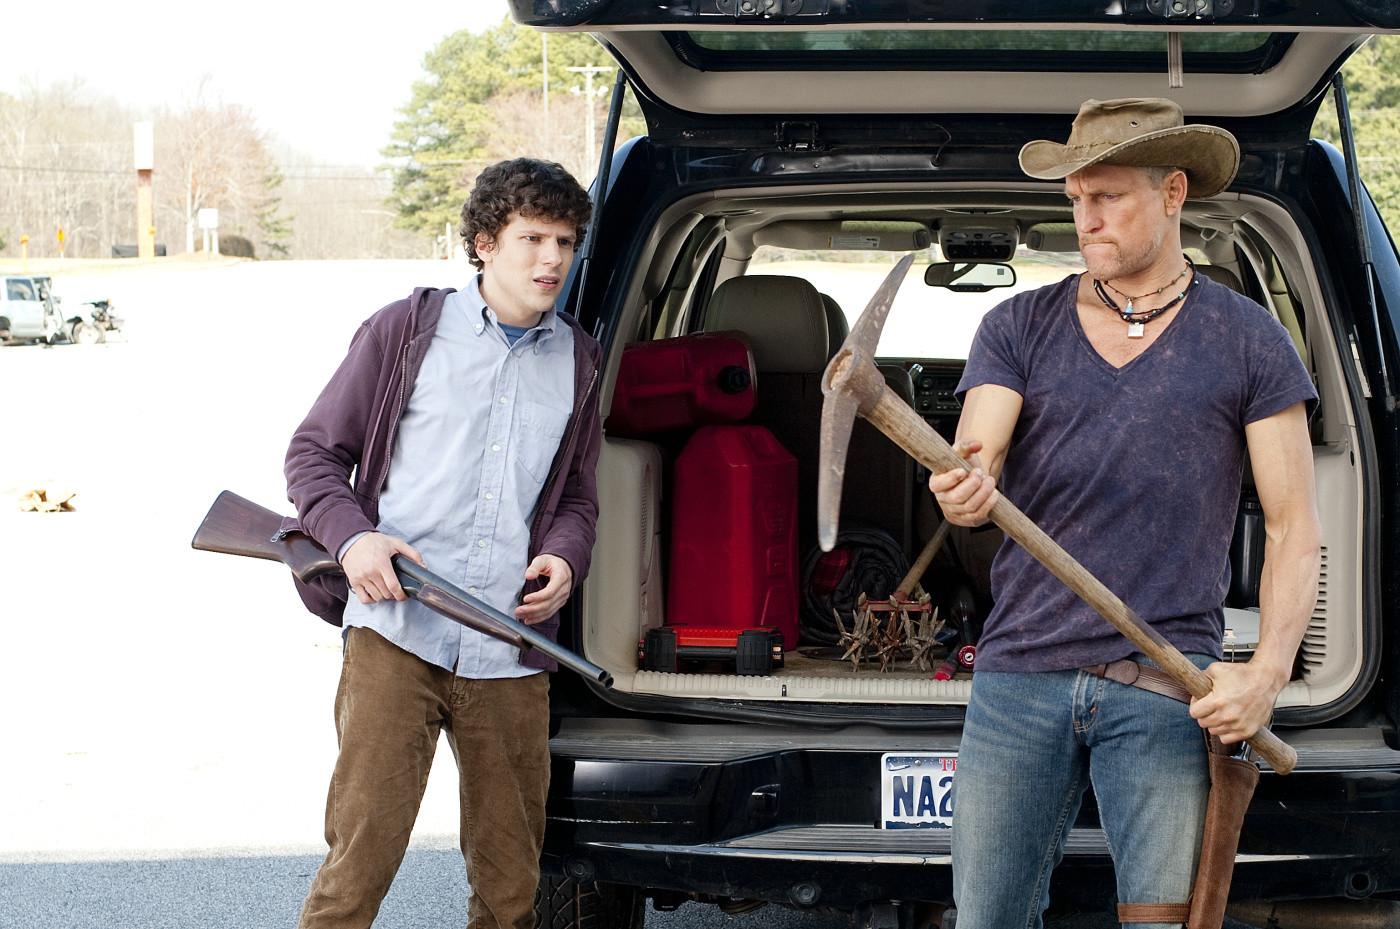 SCena iz filma Dobrodošli v deželi zombijev.